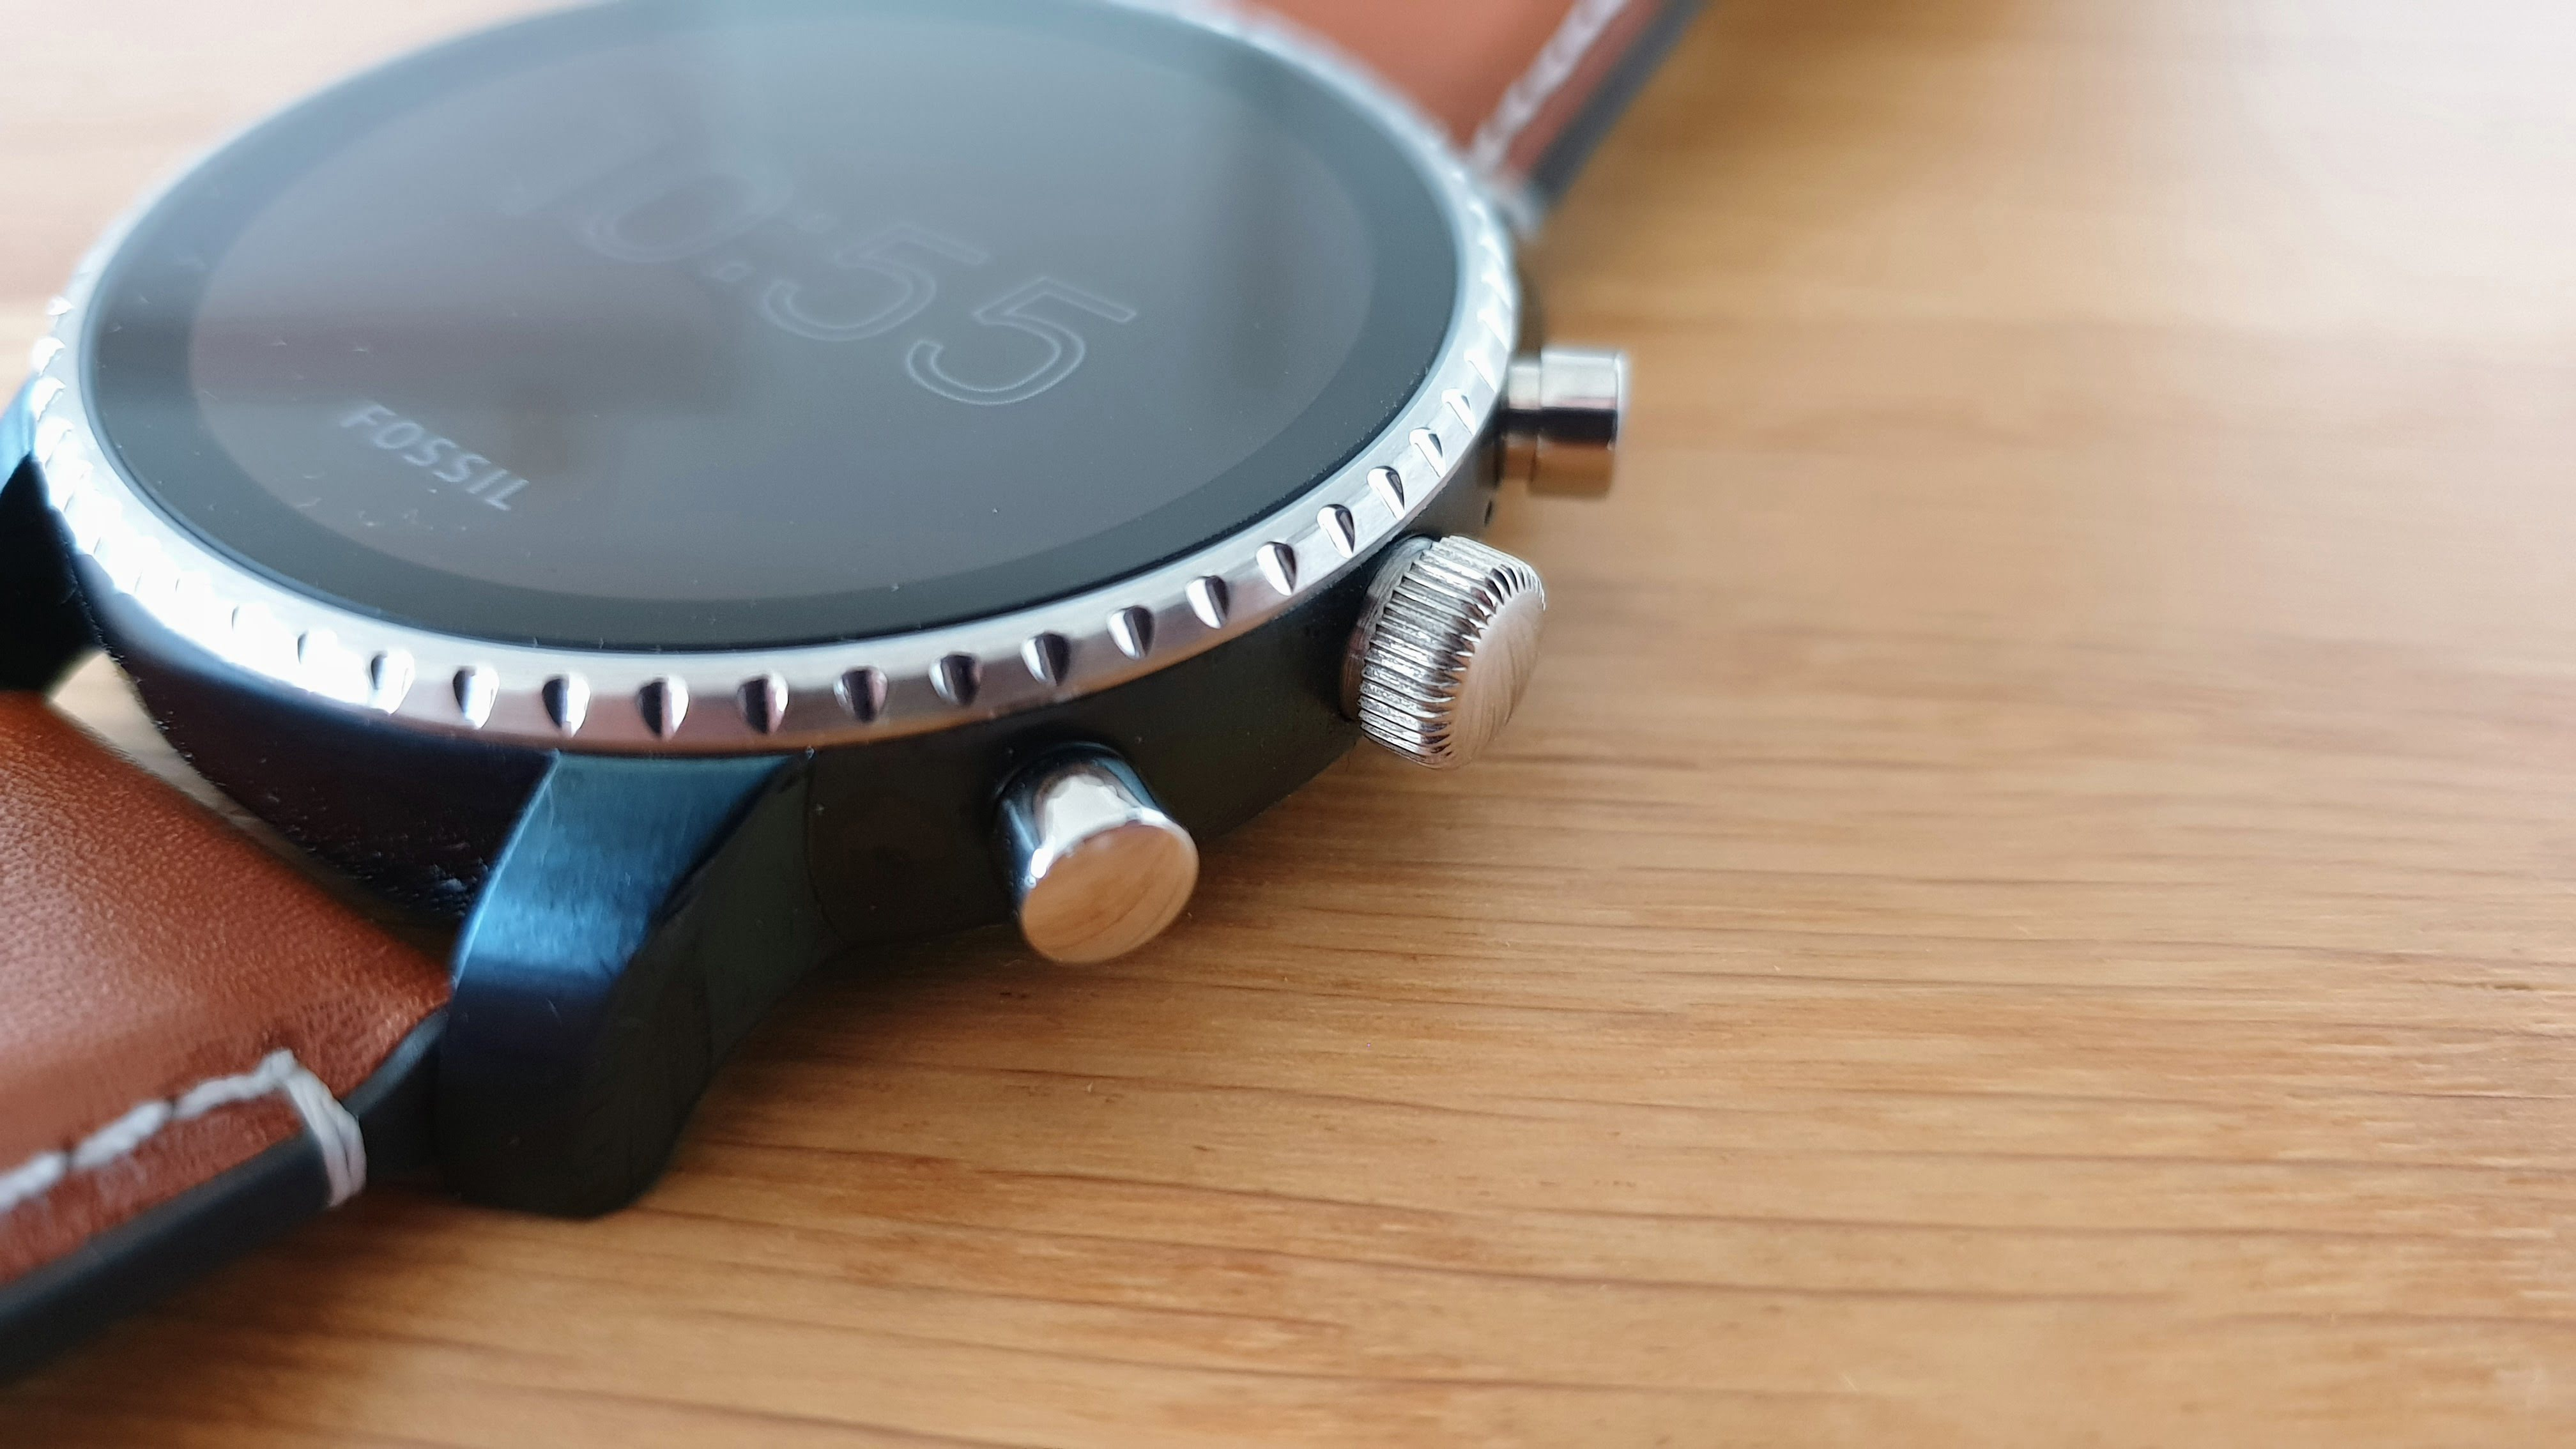 fossil q explorist 4 gen im test wundersch ne smartwatch mit zu kurzer akkulaufzeit. Black Bedroom Furniture Sets. Home Design Ideas